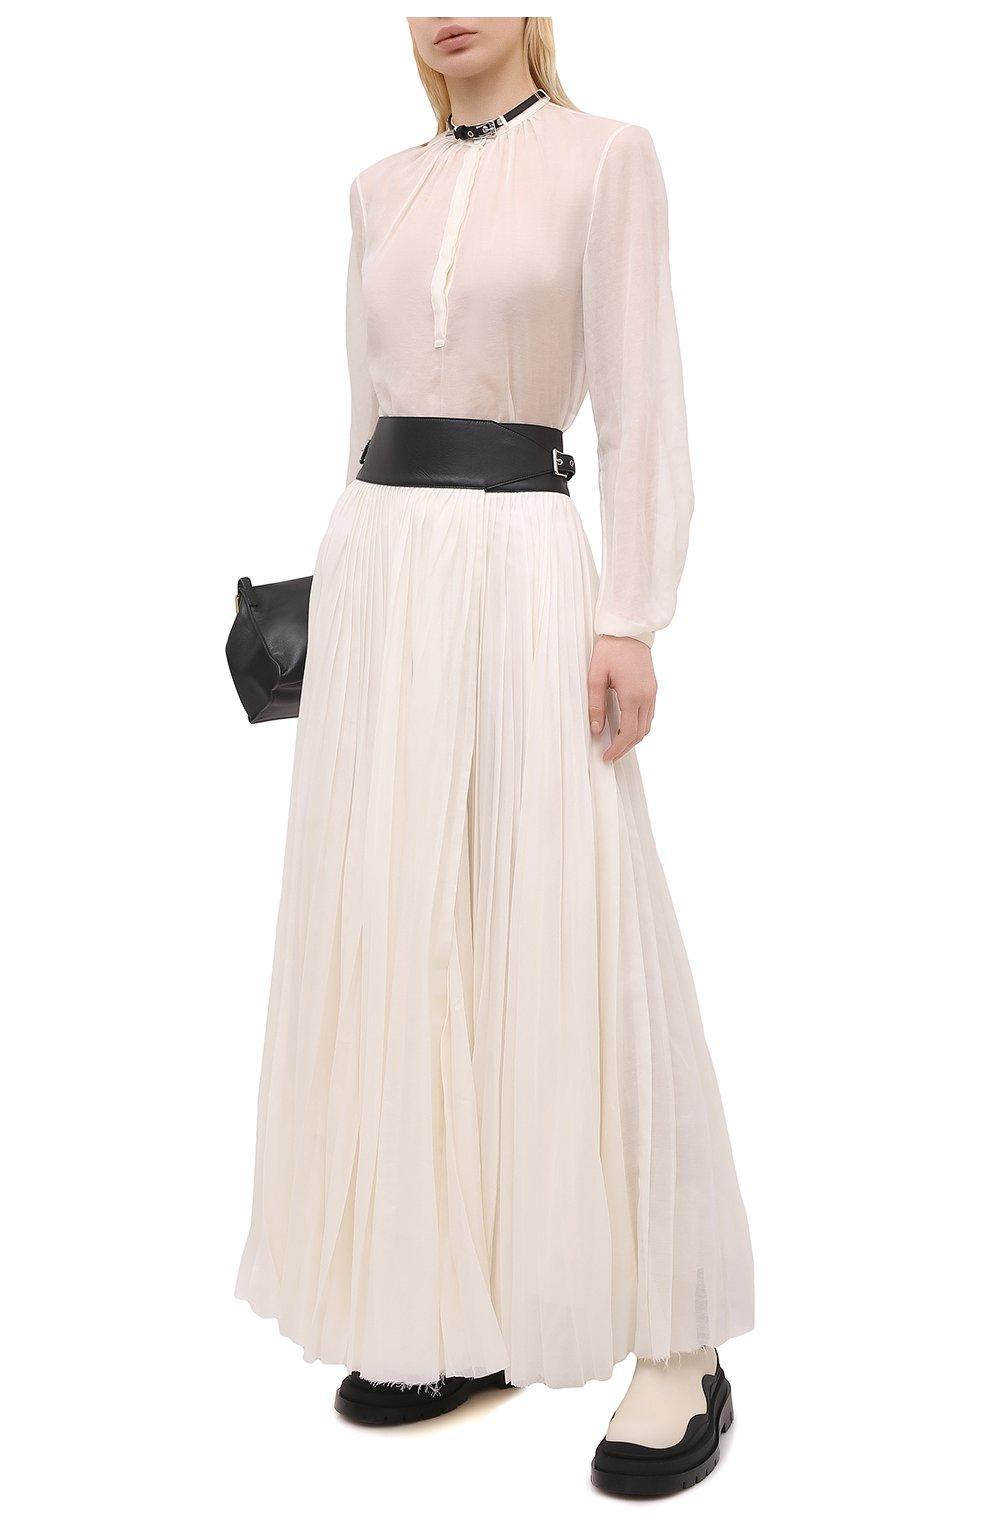 Женская хлопковая блузка GABRIELA HEARST светло-бежевого цвета, арт. 321121 S038   Фото 2 (Материал внешний: Шелк, Хлопок; Рукава: Длинные; Принт: Без принта; Длина (для топов): Стандартные; Стили: Классический; Женское Кросс-КТ: Блуза-одежда)